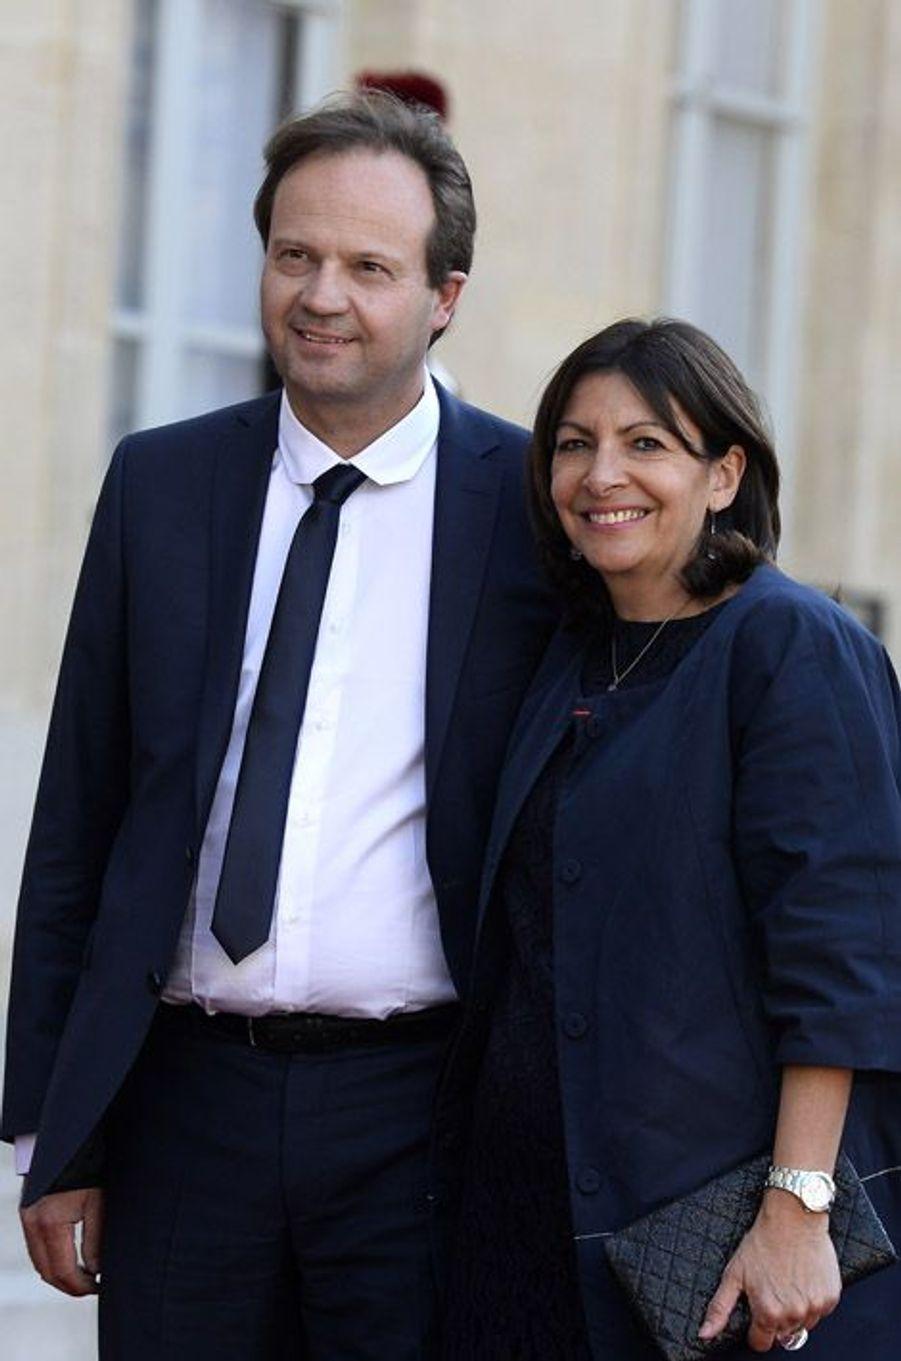 Jean-Marc Germain et Anne Hidalgo à l'Elysée pour le dîner d'Etat donné en l'honneur du roi Felipe et de la reine Letizia d'Espagne